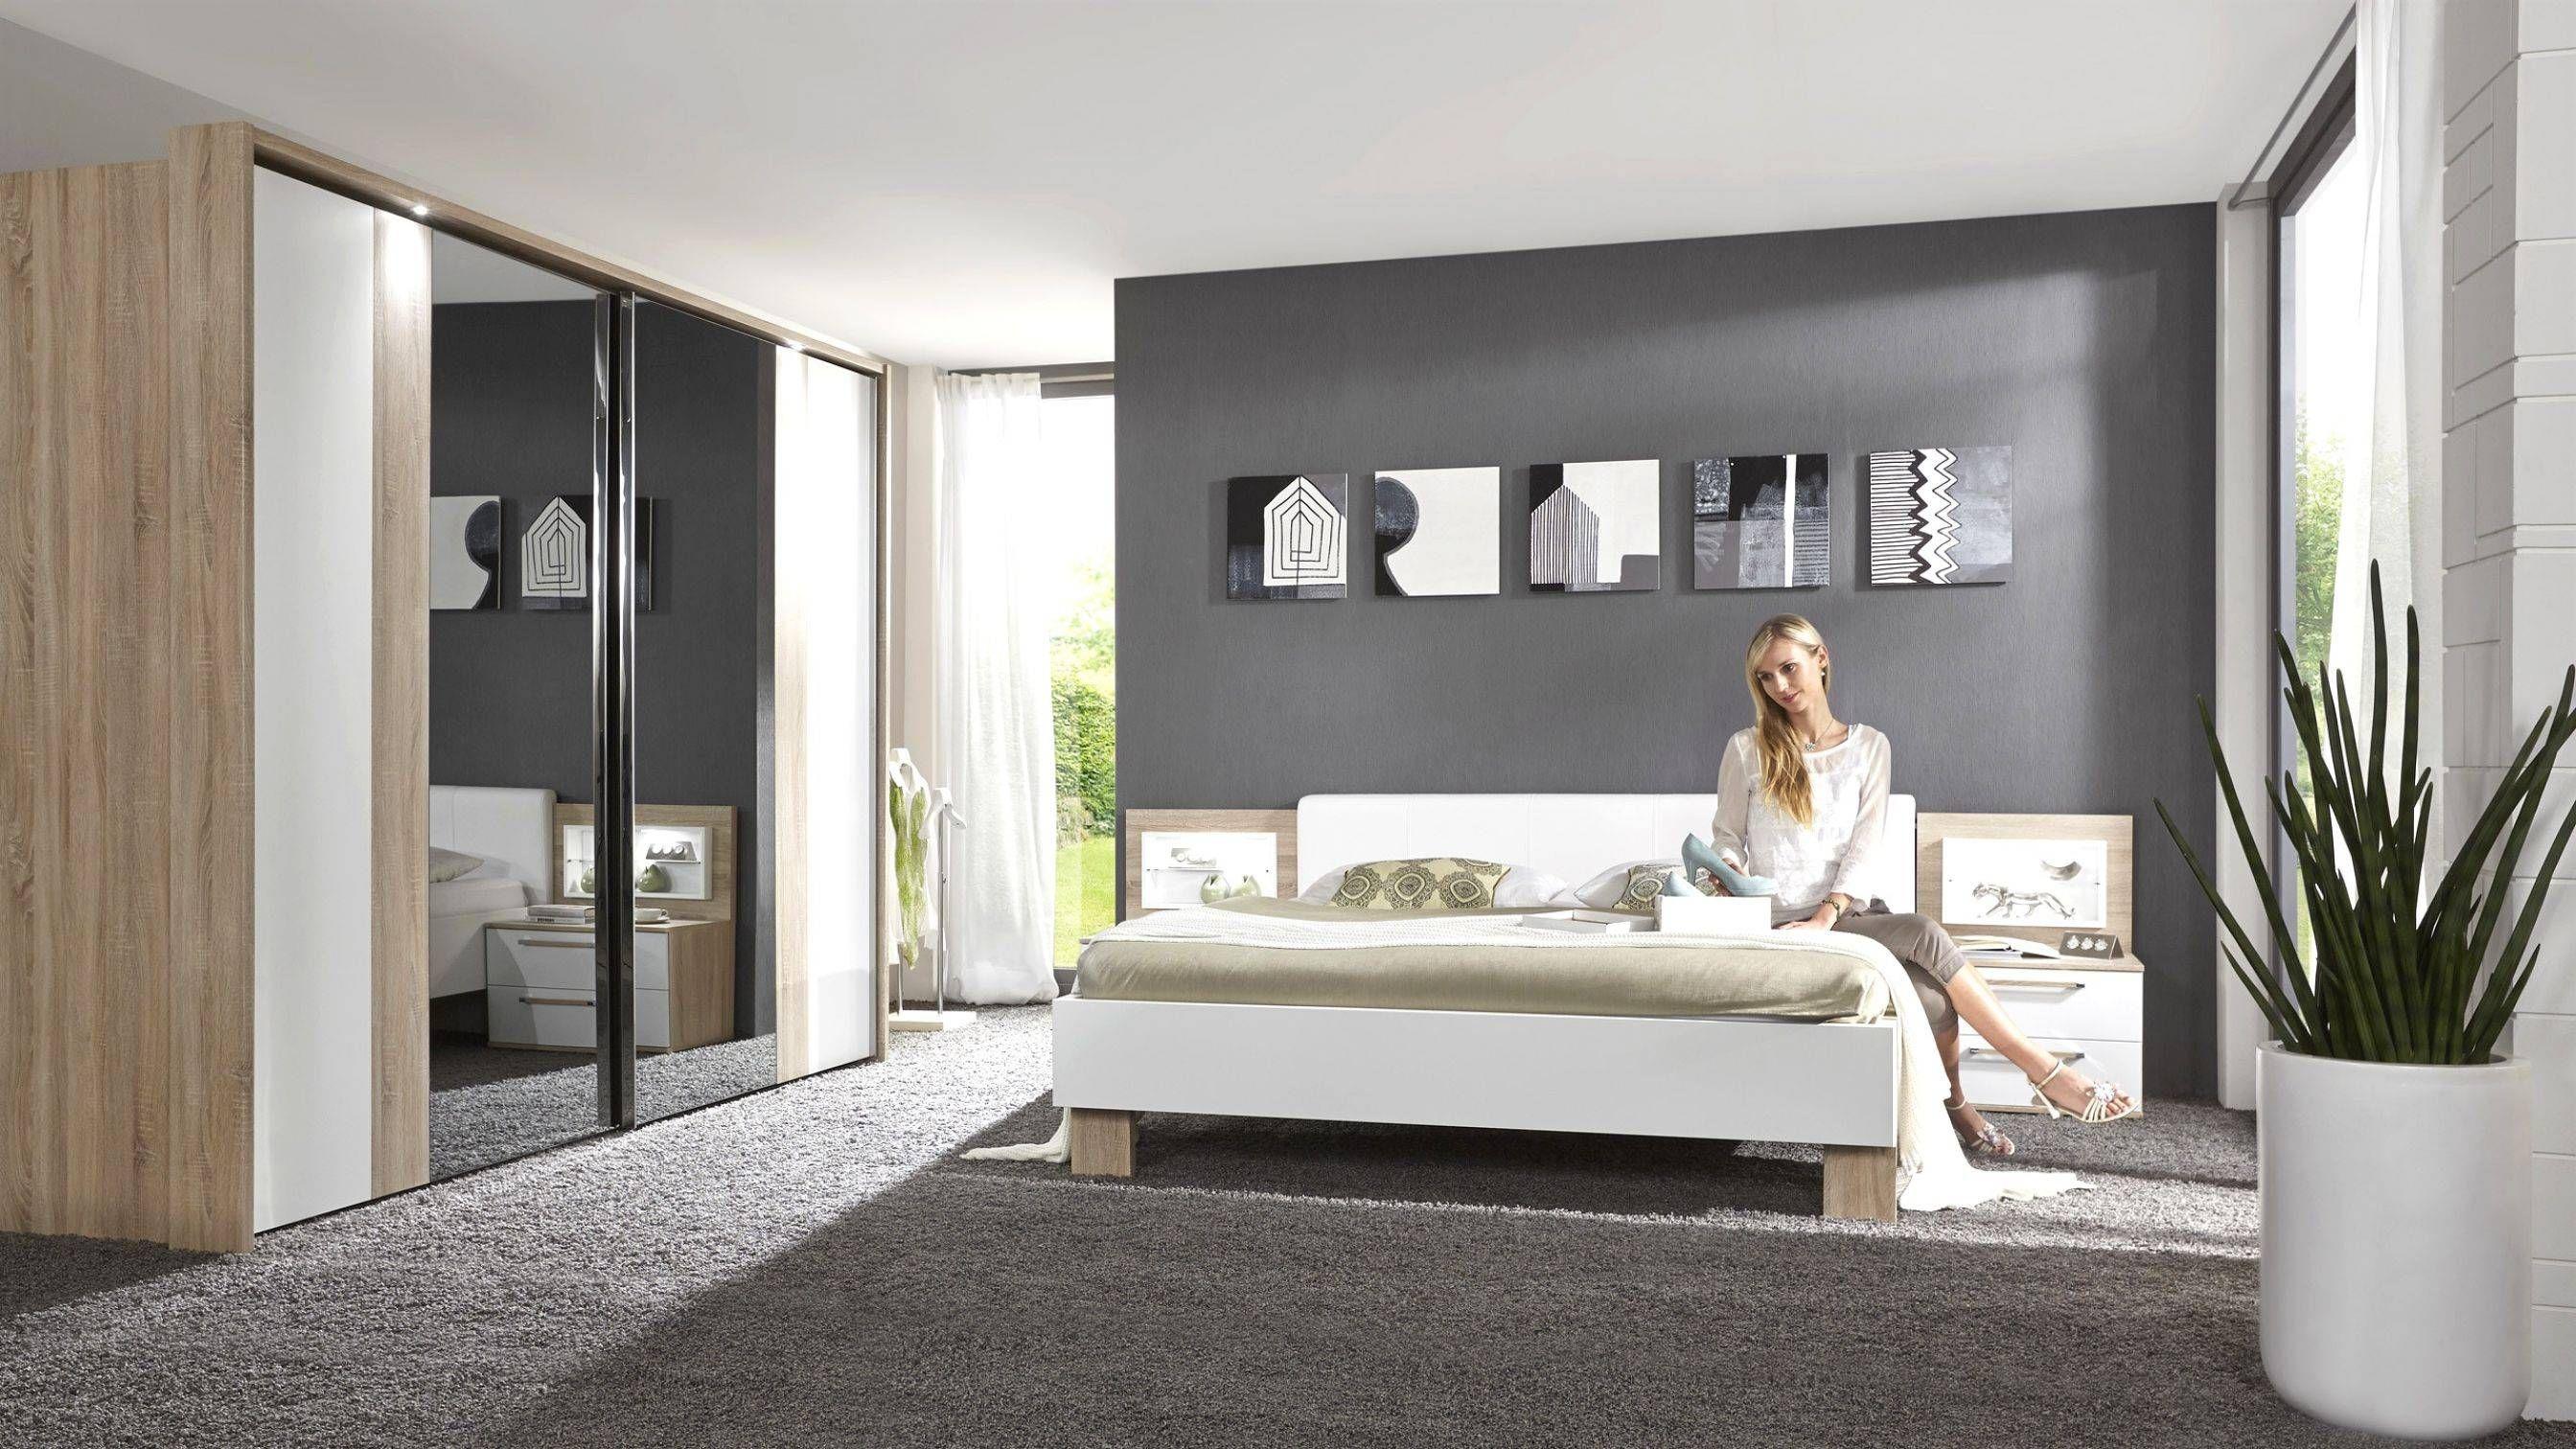 Altes Schlafzimmer Neu Gestalten Schlafzimmer Neu Gestalten Schlafzimmer Umgestalten Schlafzimmer Einrichten